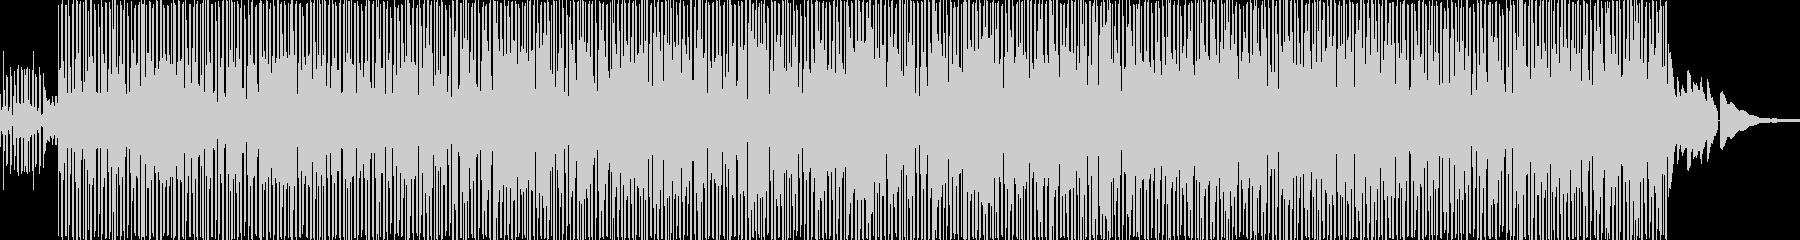 哀愁のあるアコースティックギターファンクの未再生の波形